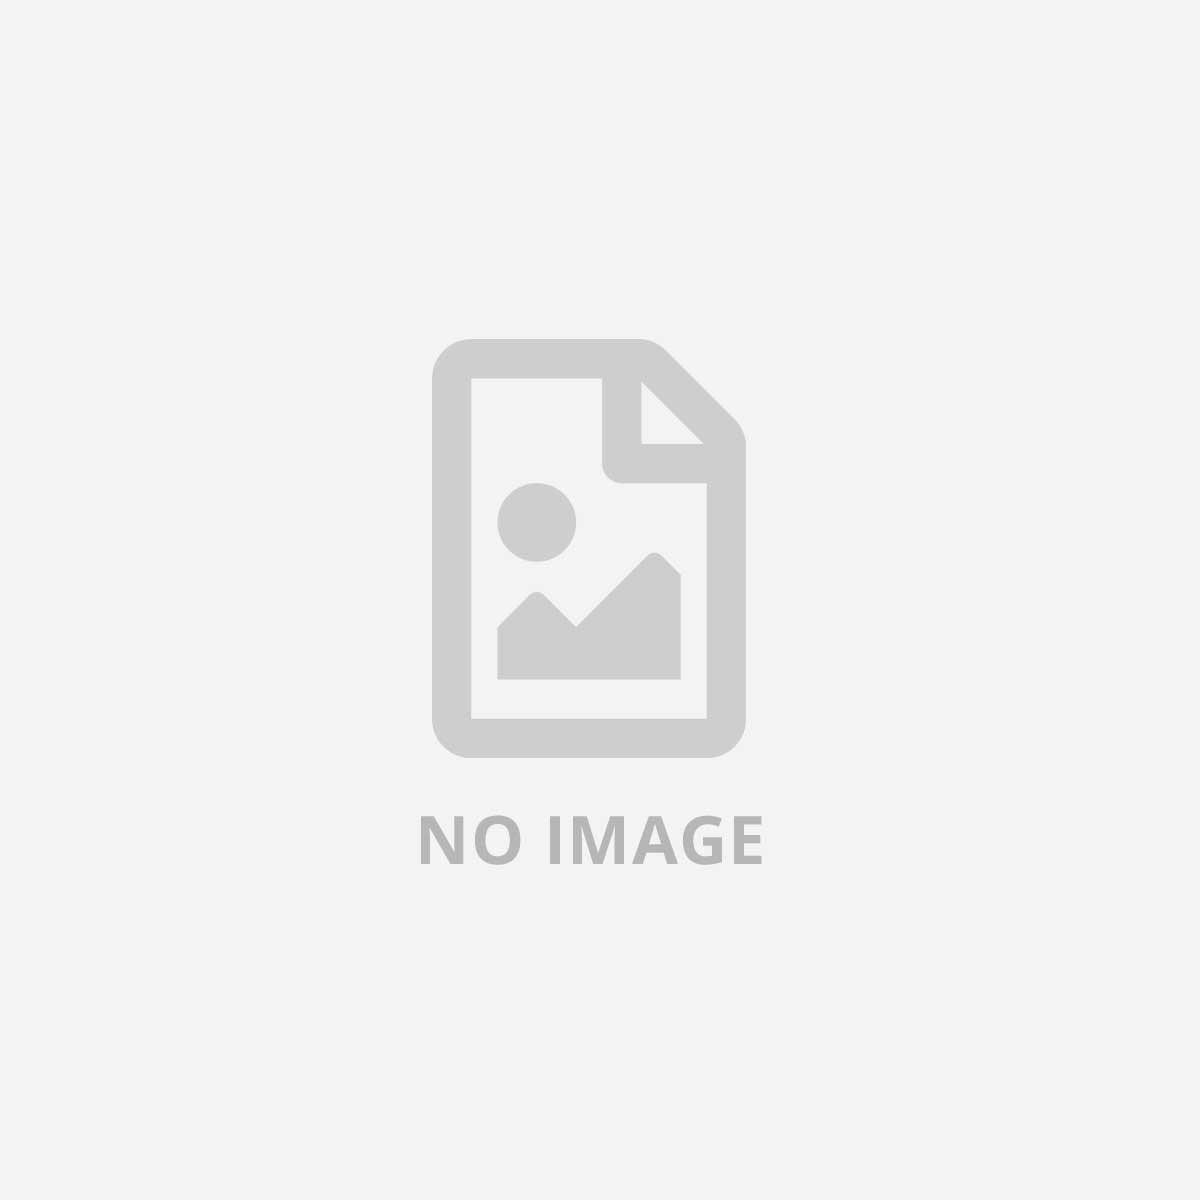 HAMLET MINI SPEAKER OWL